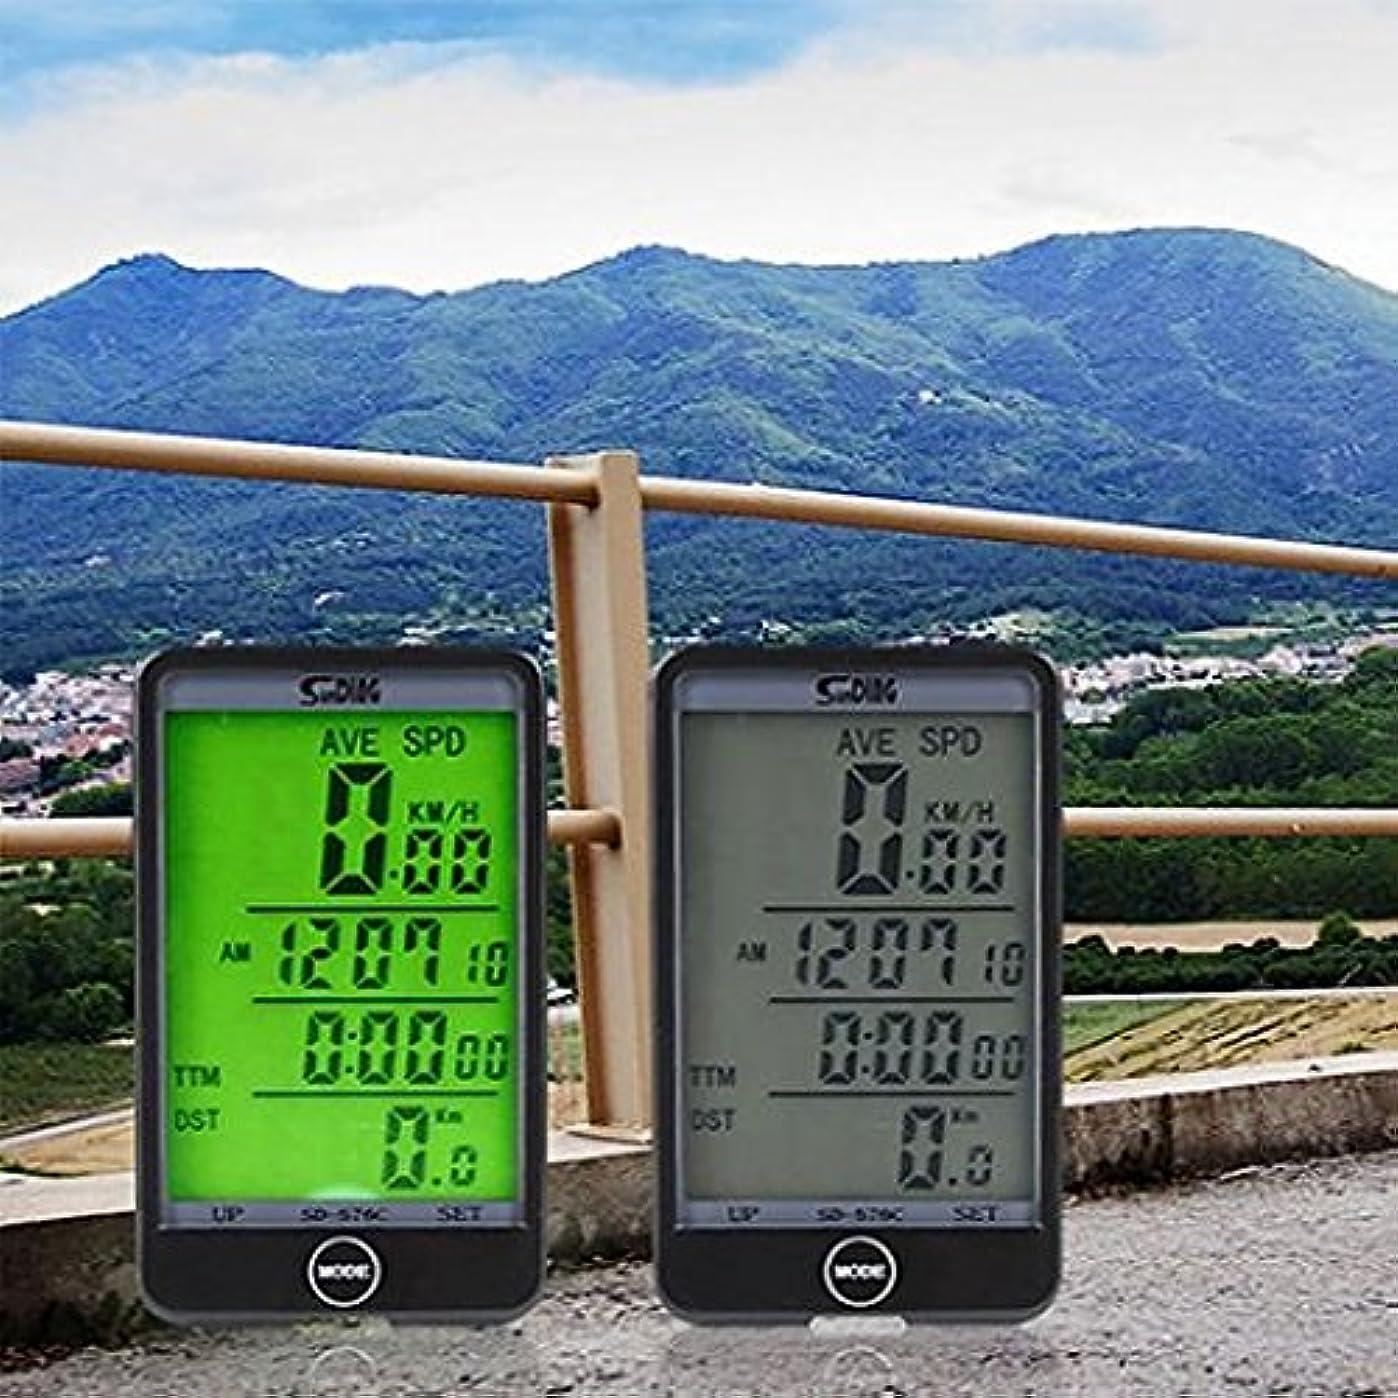 療法行政無礼にMTB自転車自転車サイクリングコンピュータの走行距離計LCDバックライト表示の速度計